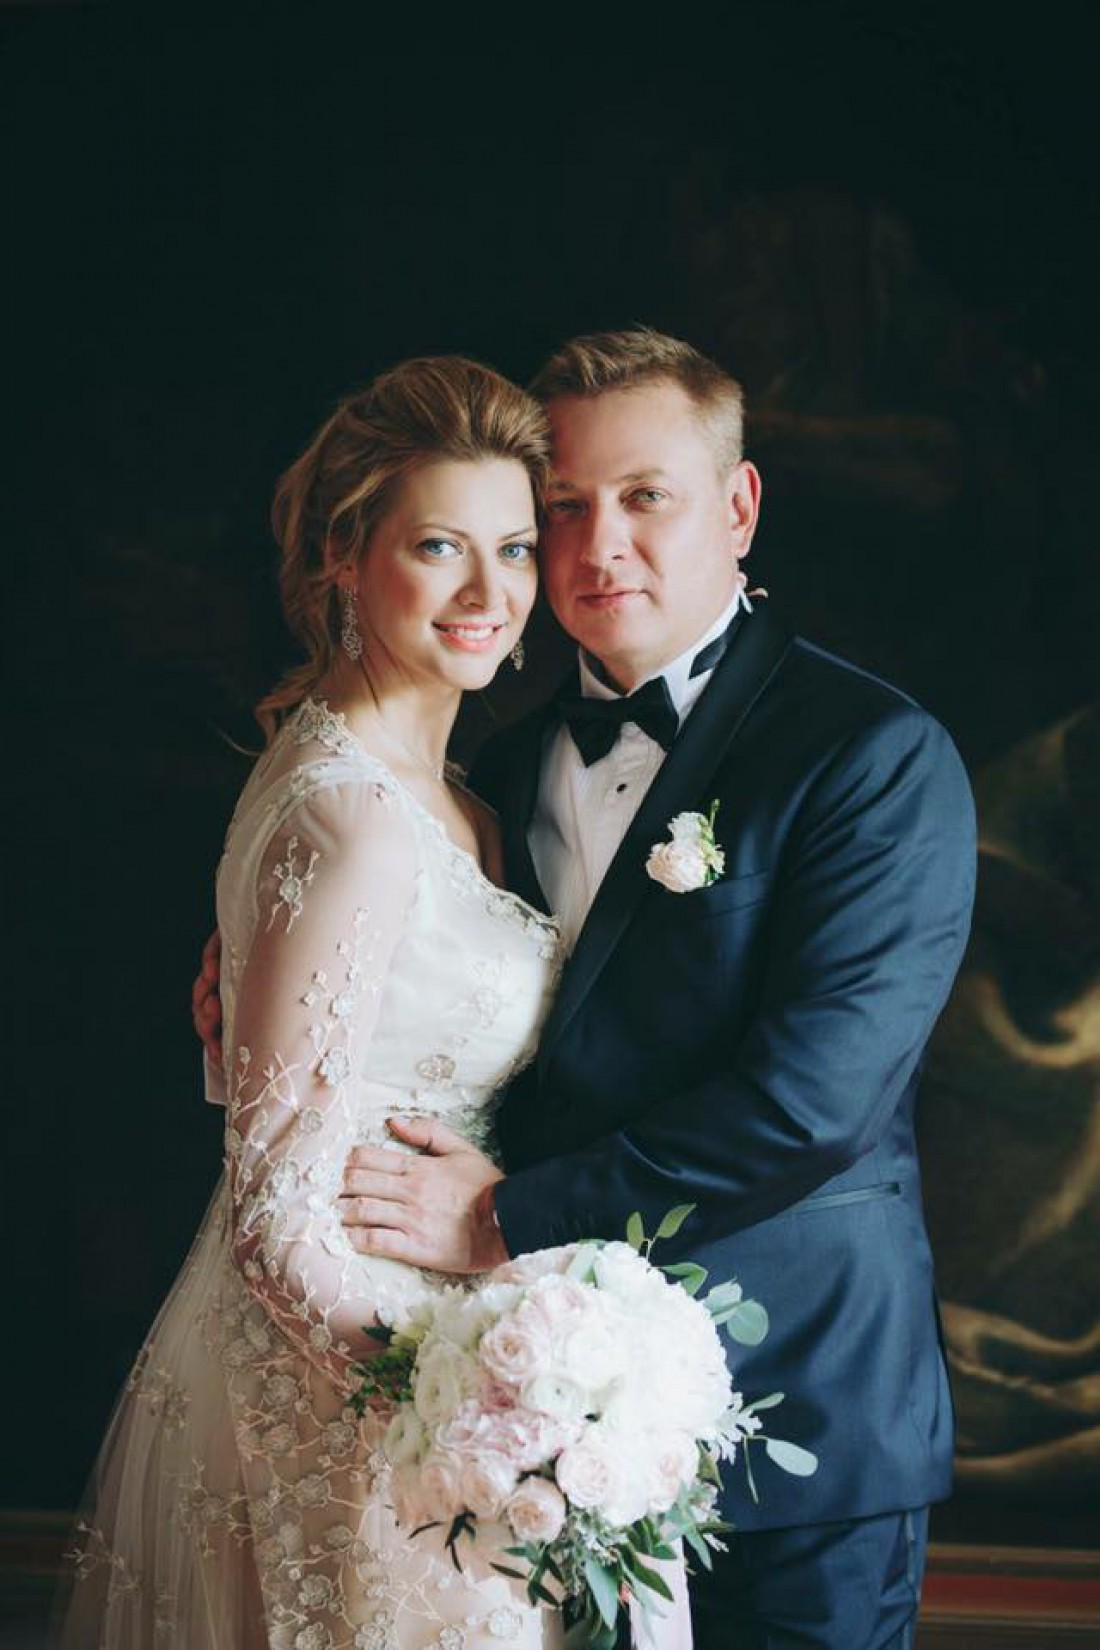 Татьяна Литвинова вышла замуж за Ярослава Труханова